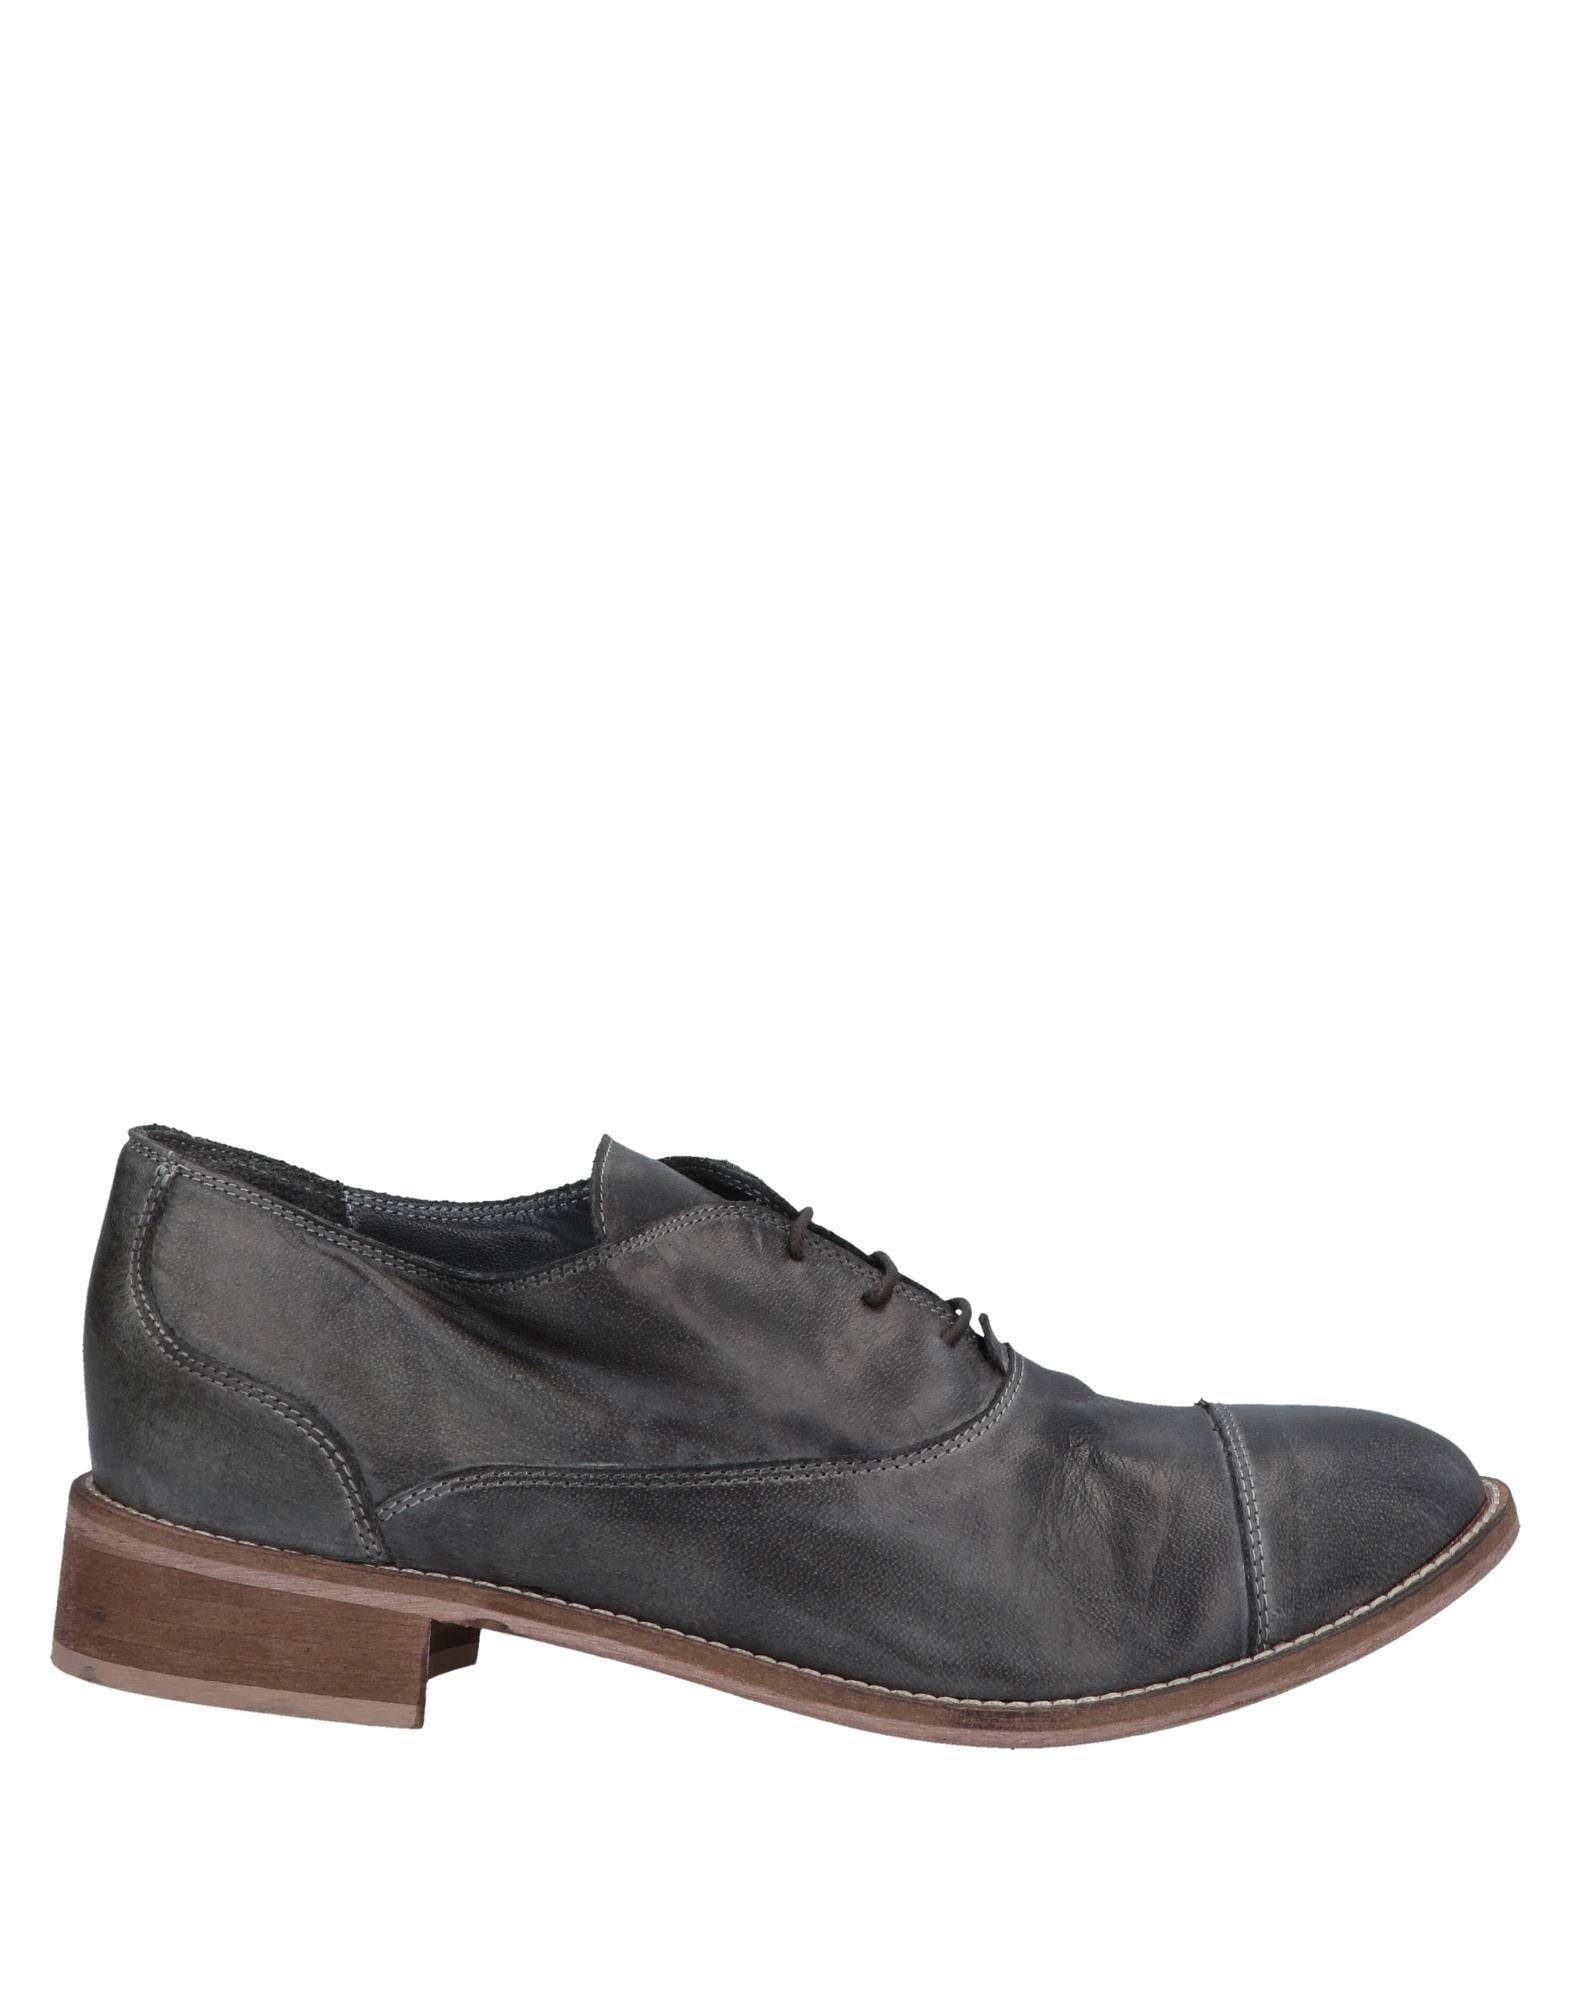 SAN CRISPINO Обувь на шнурках цены онлайн